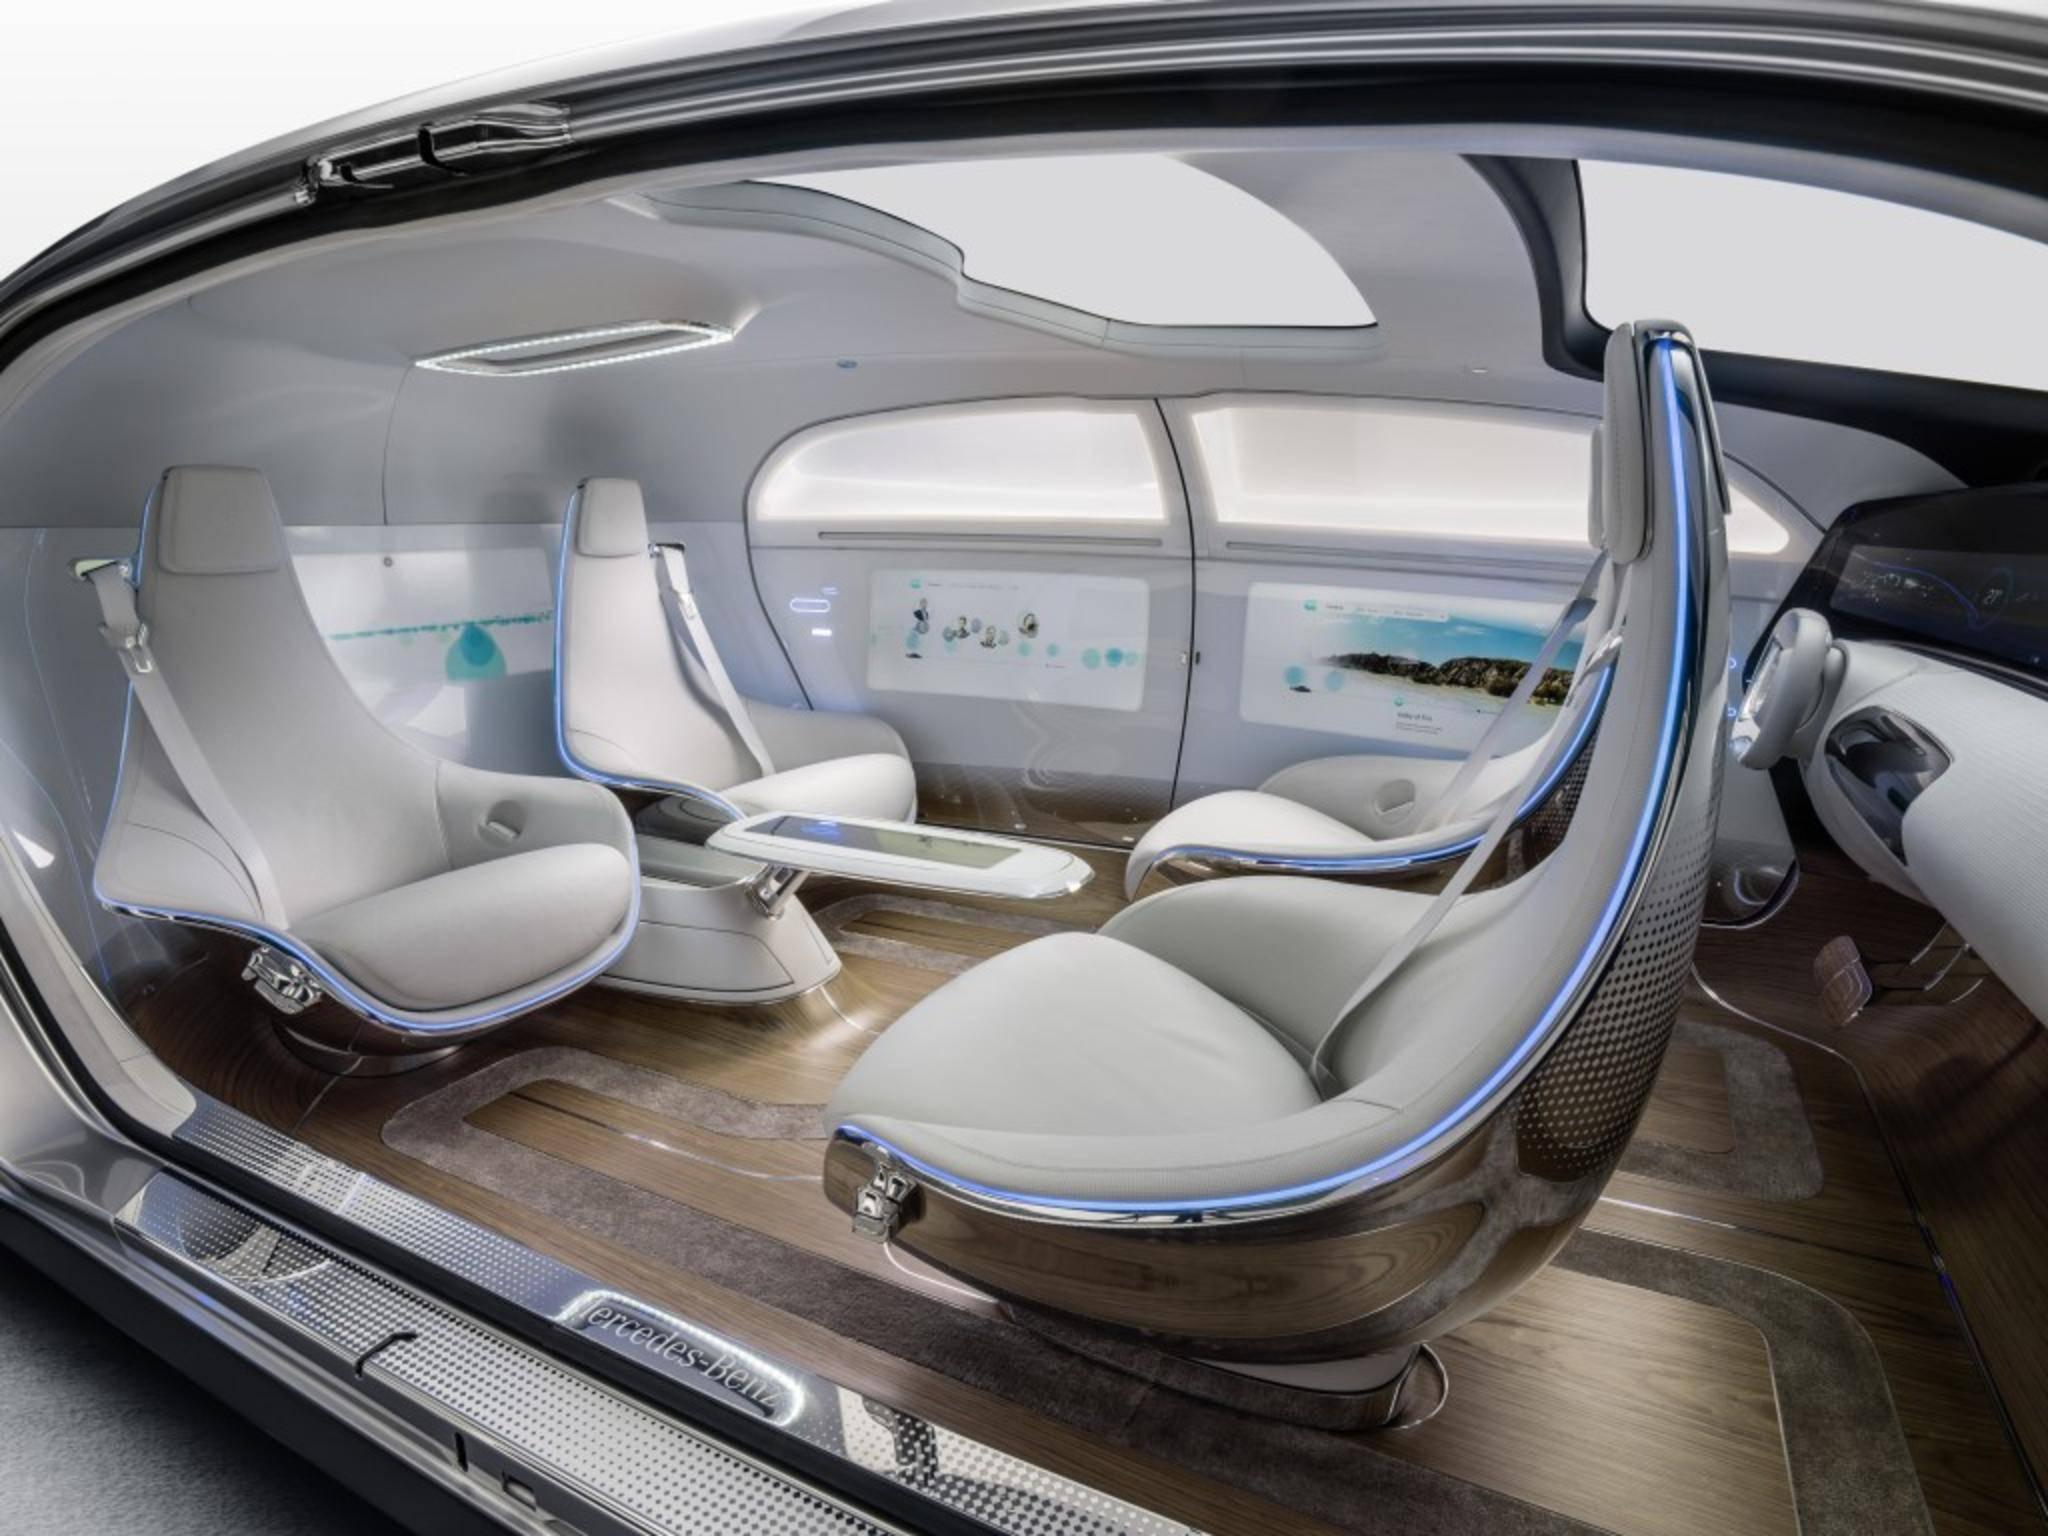 Dort finden die Passagiere neben Lounge-Sesseln auch sechs Bildschirme vor.